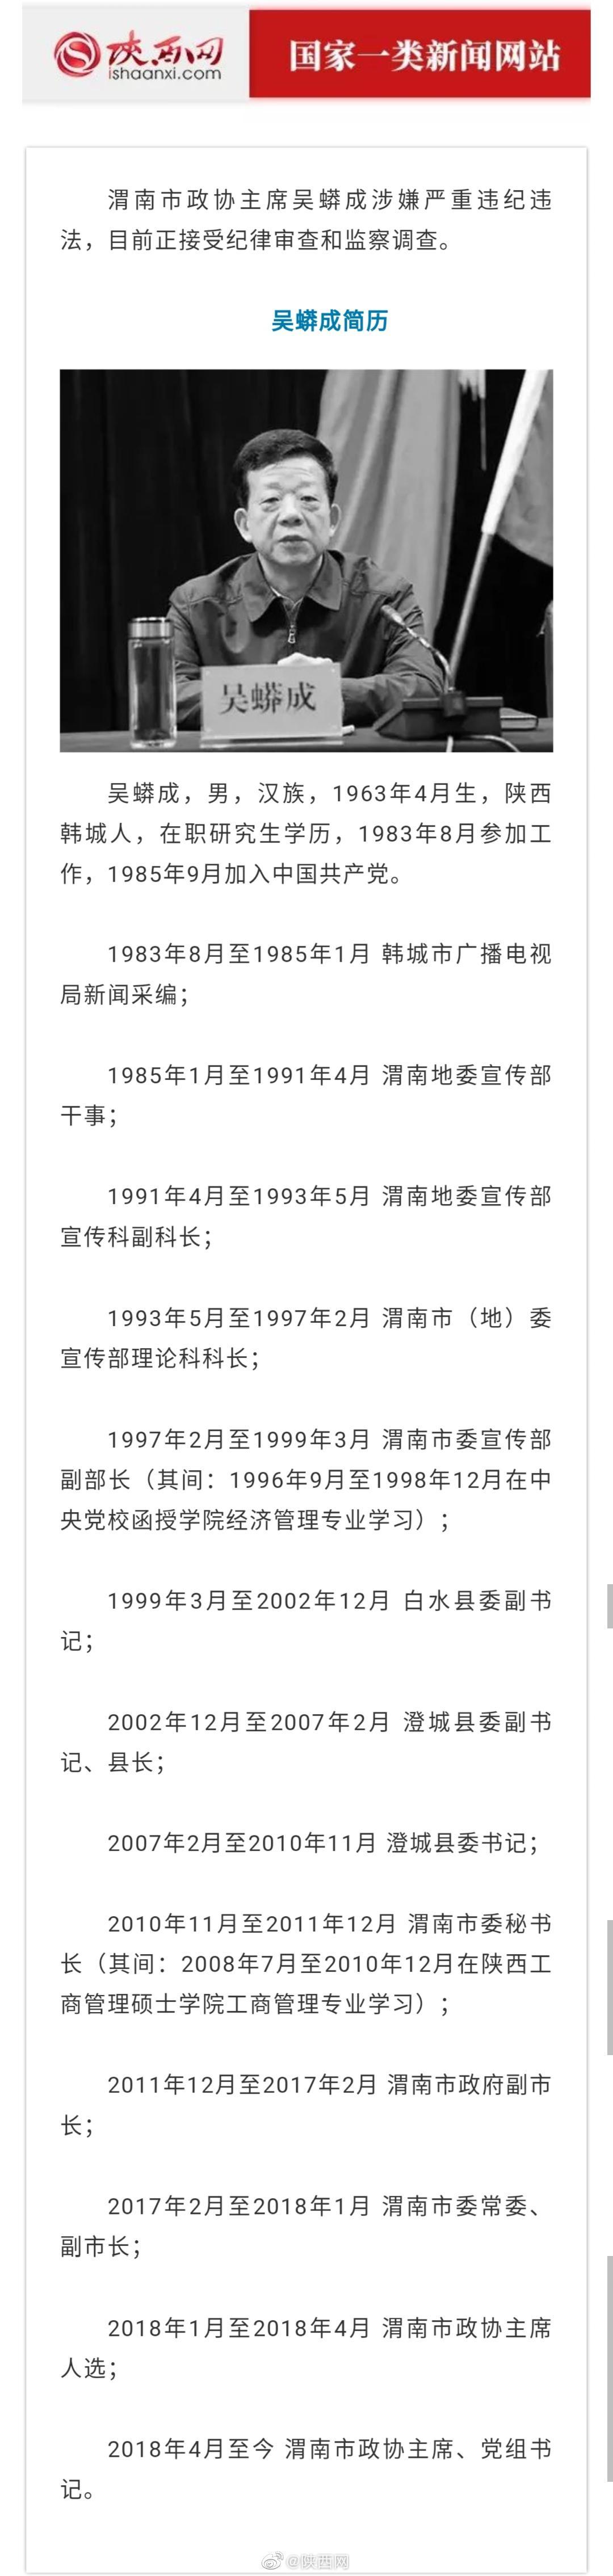 渭南市政协主席吴蟒成涉嫌严重违纪违法……